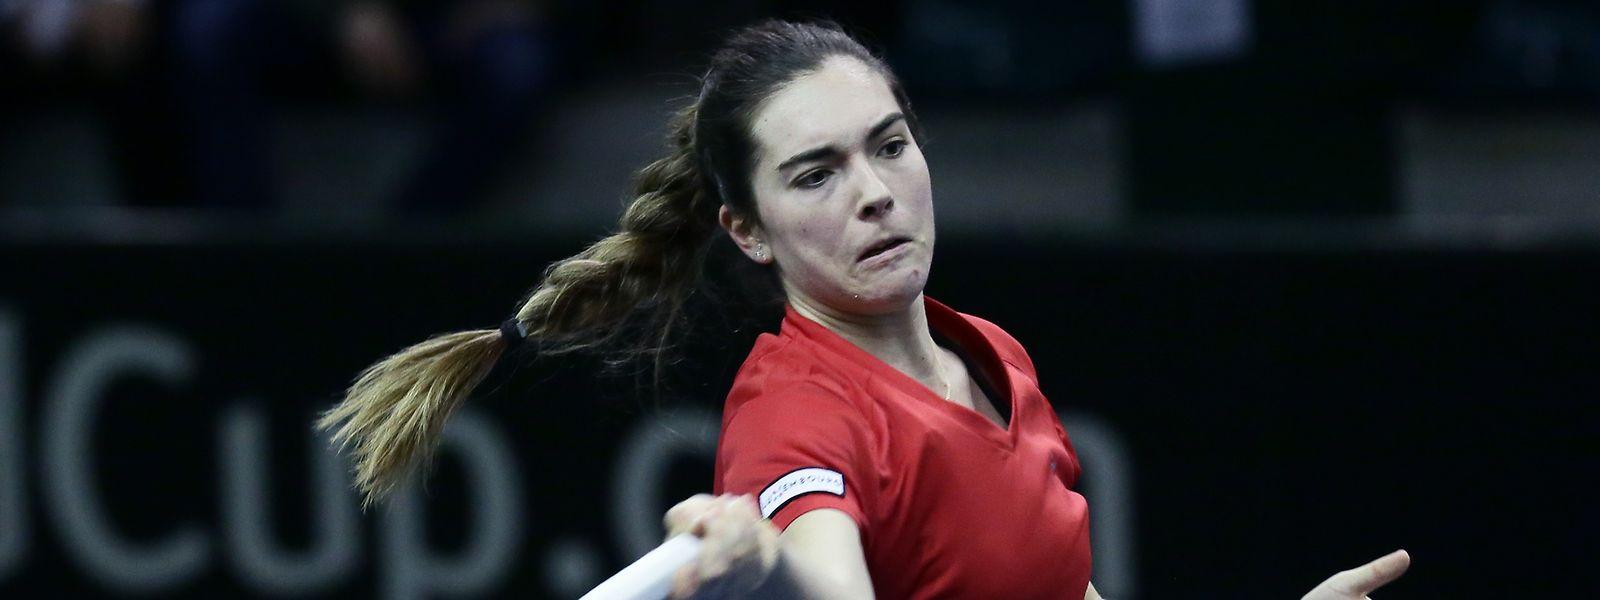 Troisième simple, et troisième succès net et sans bavure pour Eléonora Molinaro dans cette Fed Cup 2019 à domicile